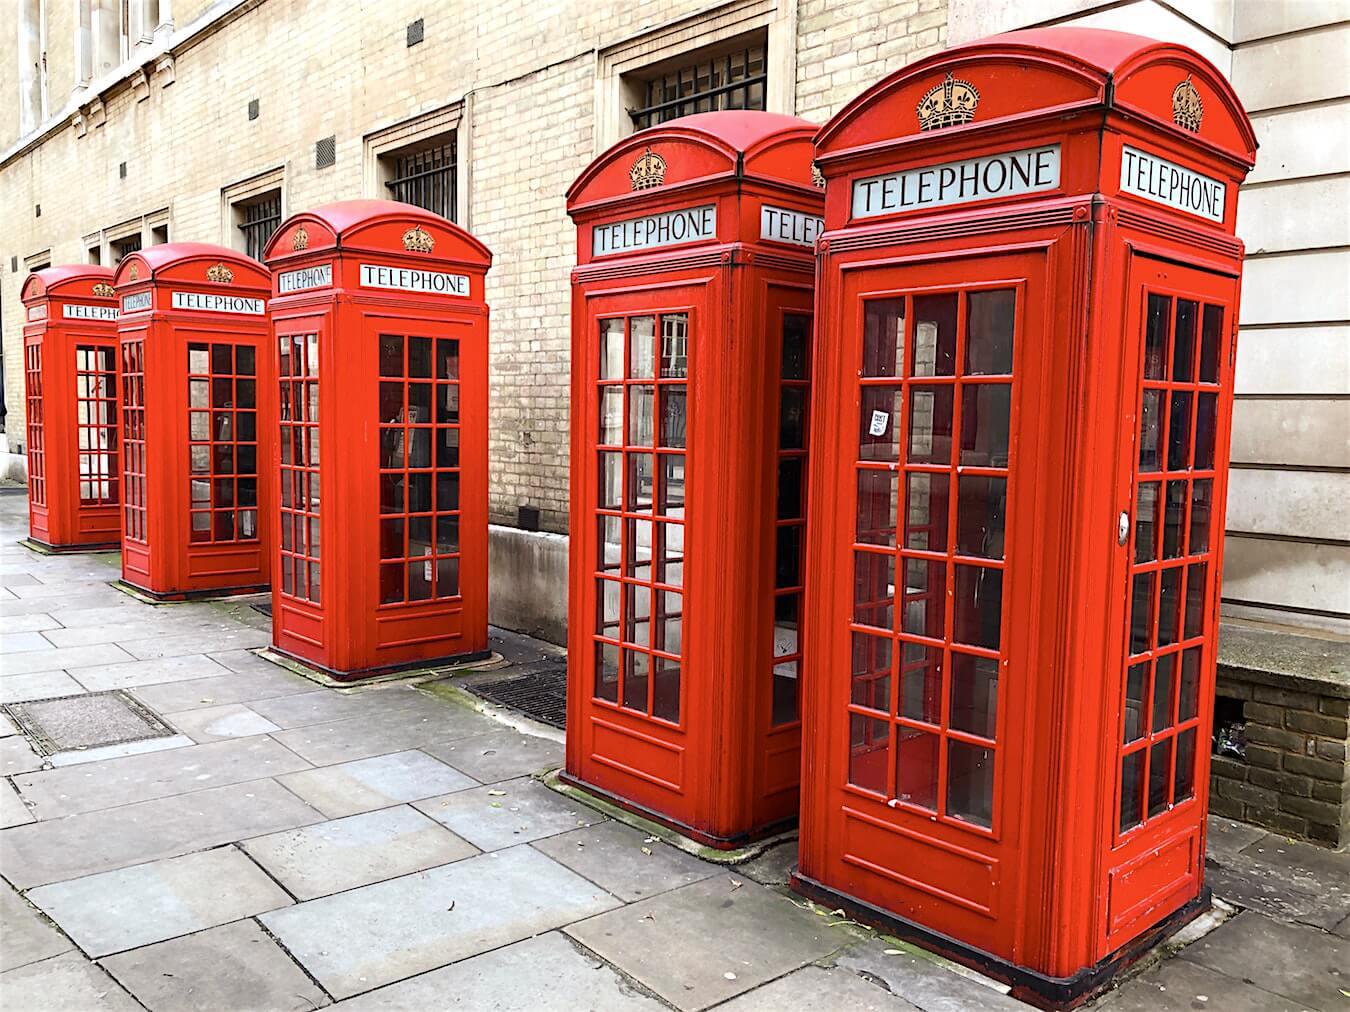 Британские телекомы будут выплачивать абонентам компенсацию за разрывы связи - 1